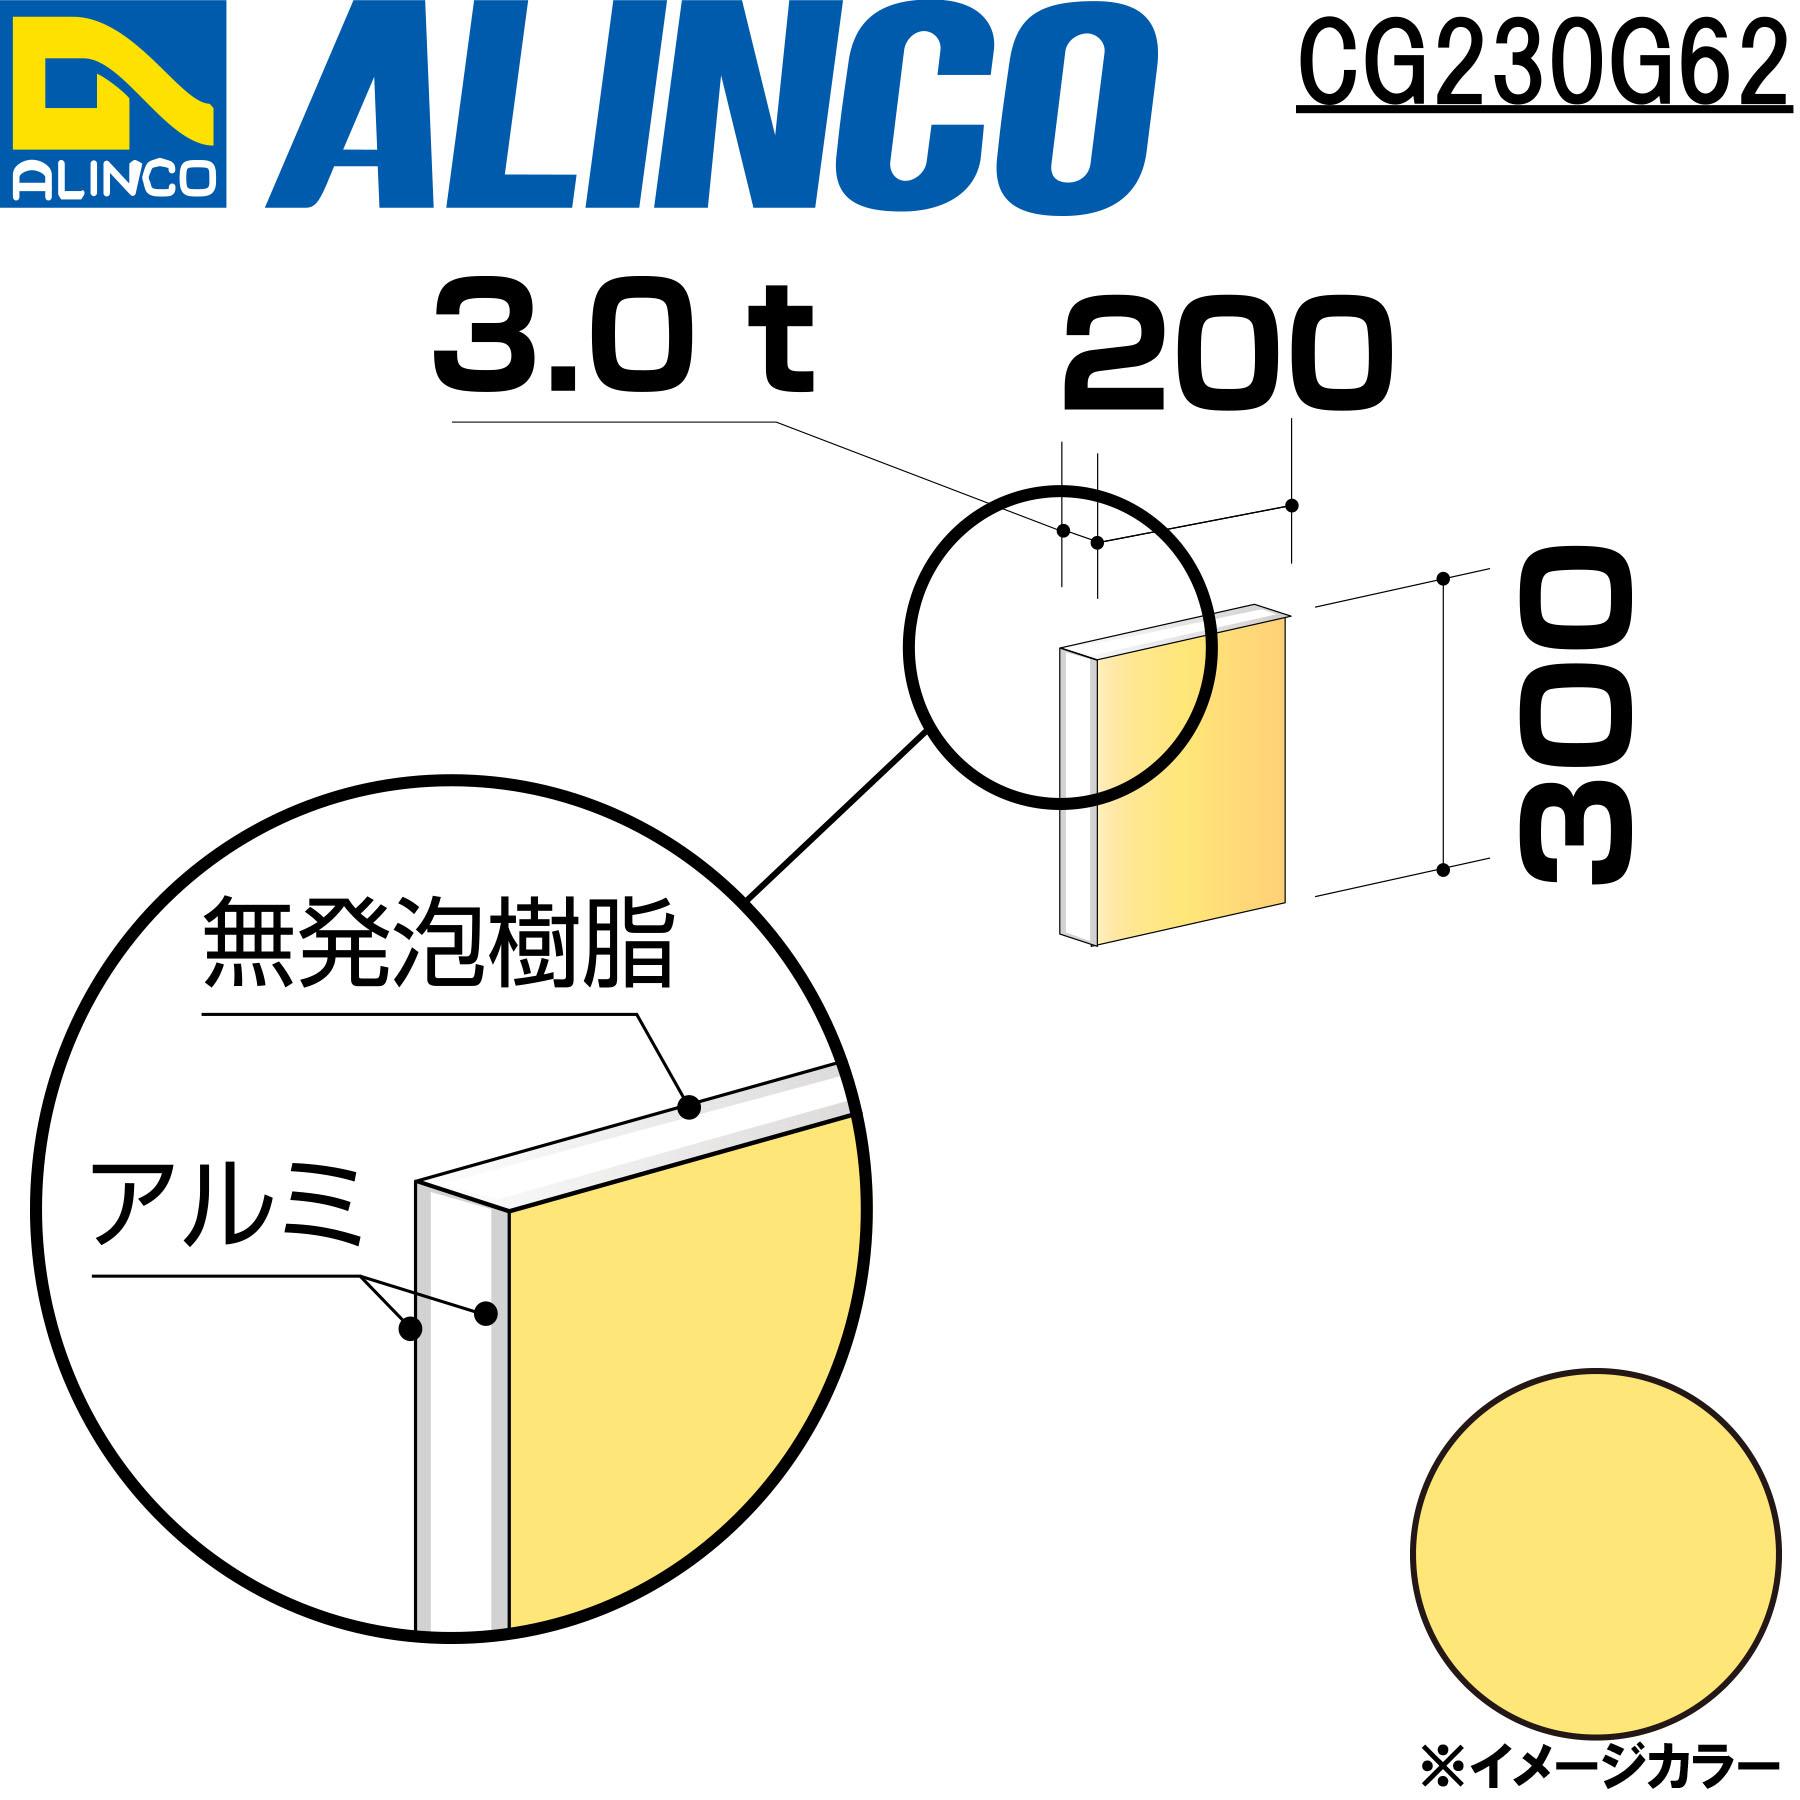 CG230G62